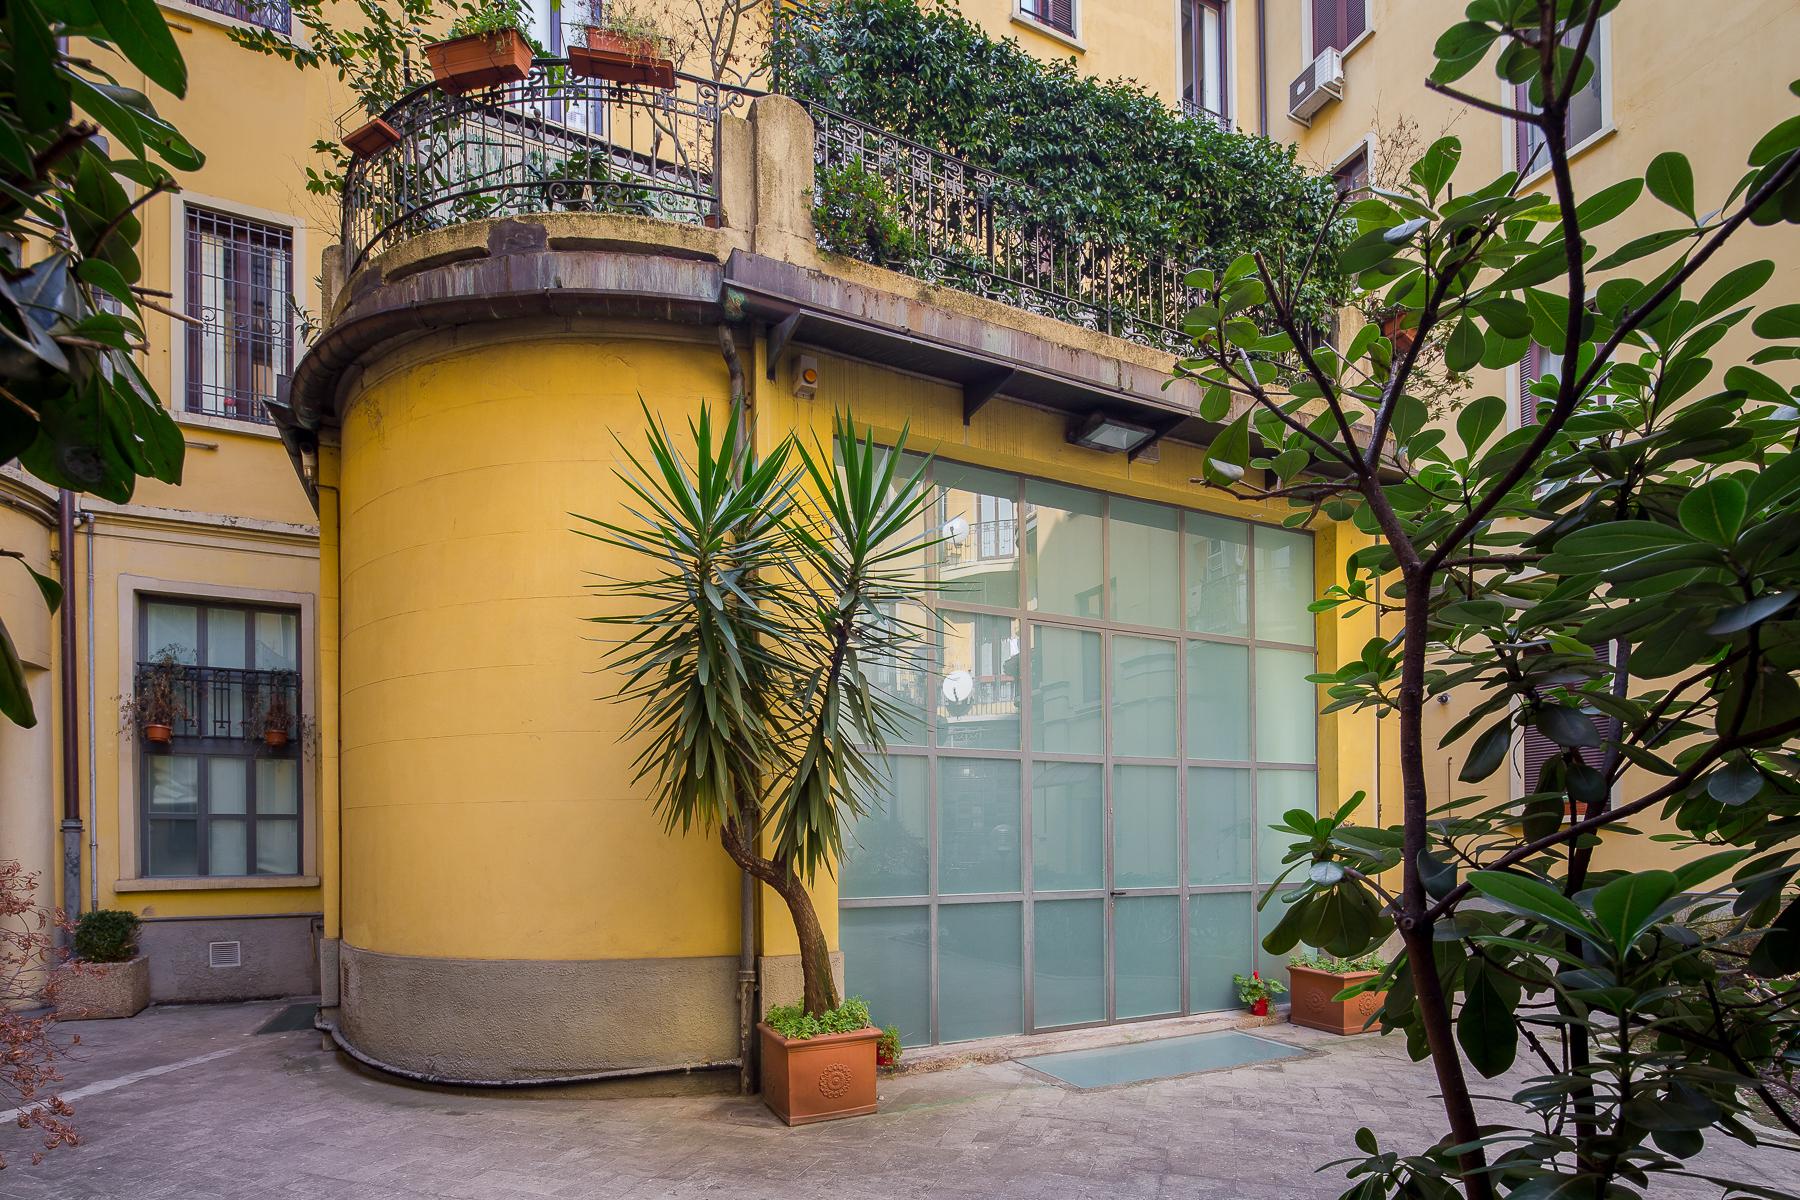 Casa indipendente in Vendita a Milano: 5 locali, 330 mq - Foto 23